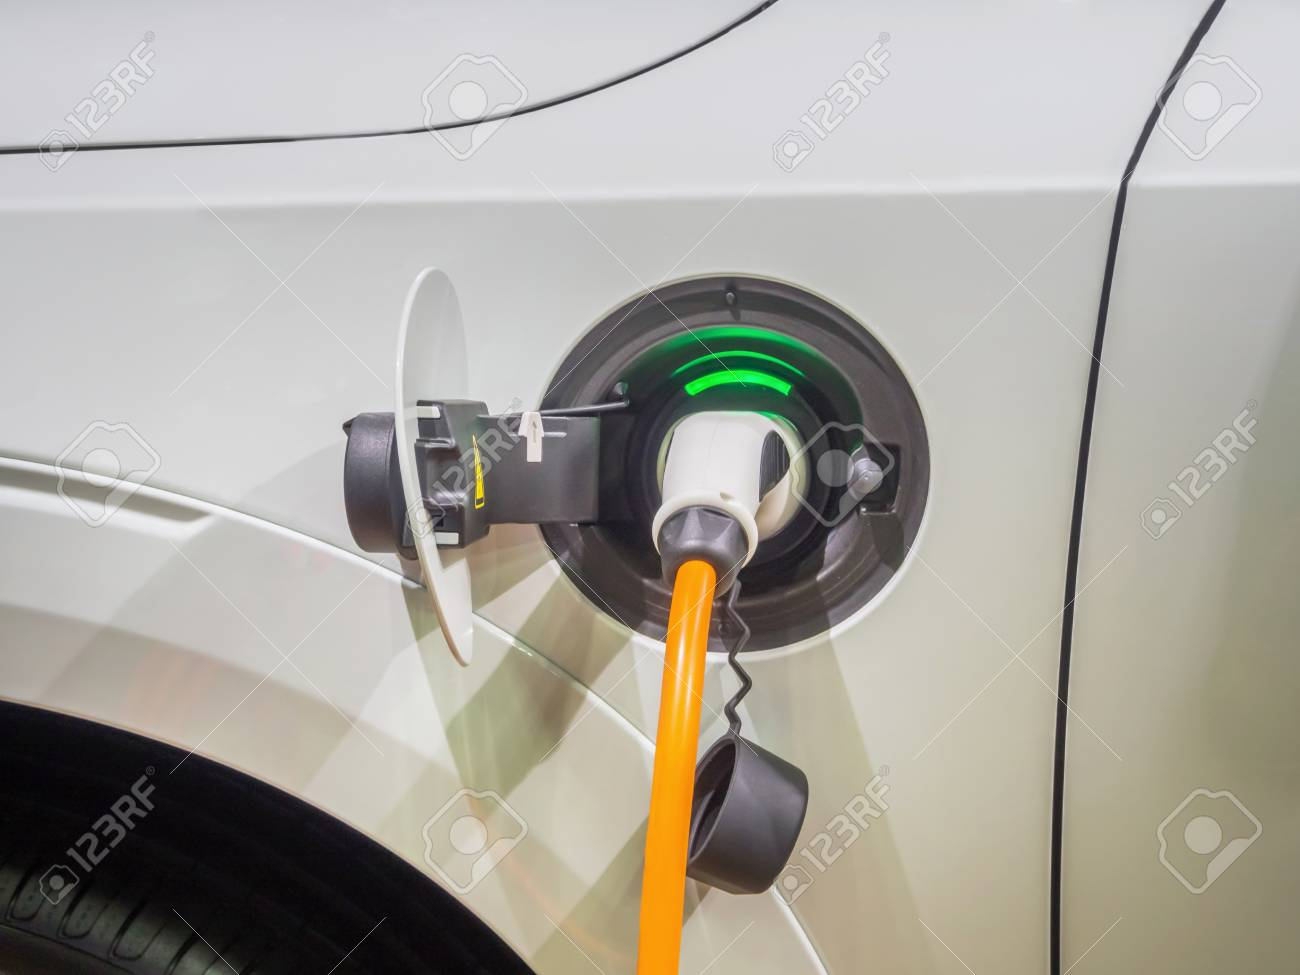 Een Elektrische Auto Opladen Met De Voedingskabel Aangesloten Op Het